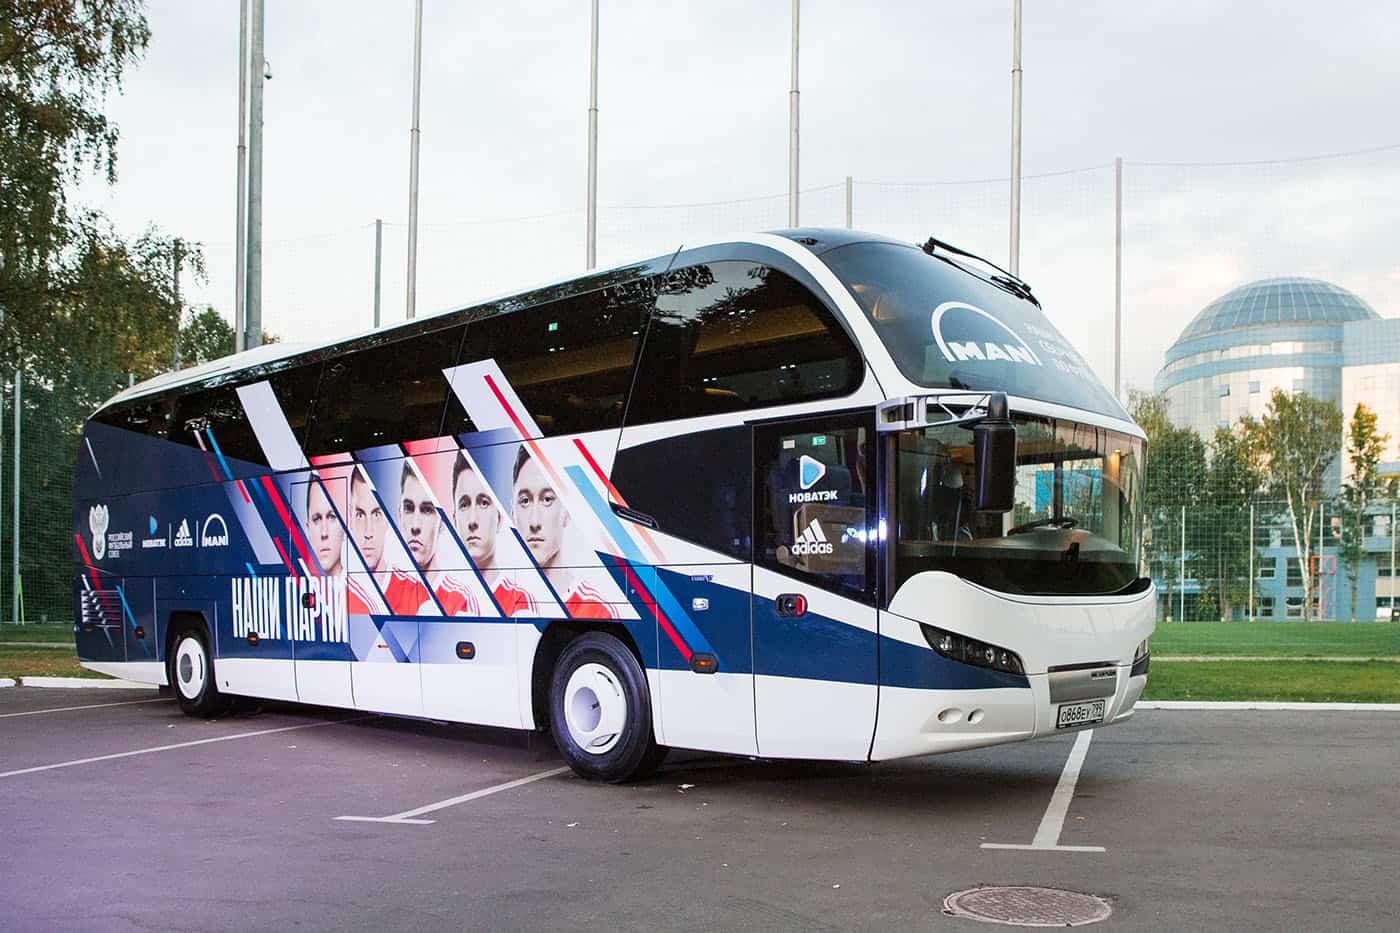 Echipa națională de fotbal a Rusiei călătorește cu un NEOPLAN Cityliner